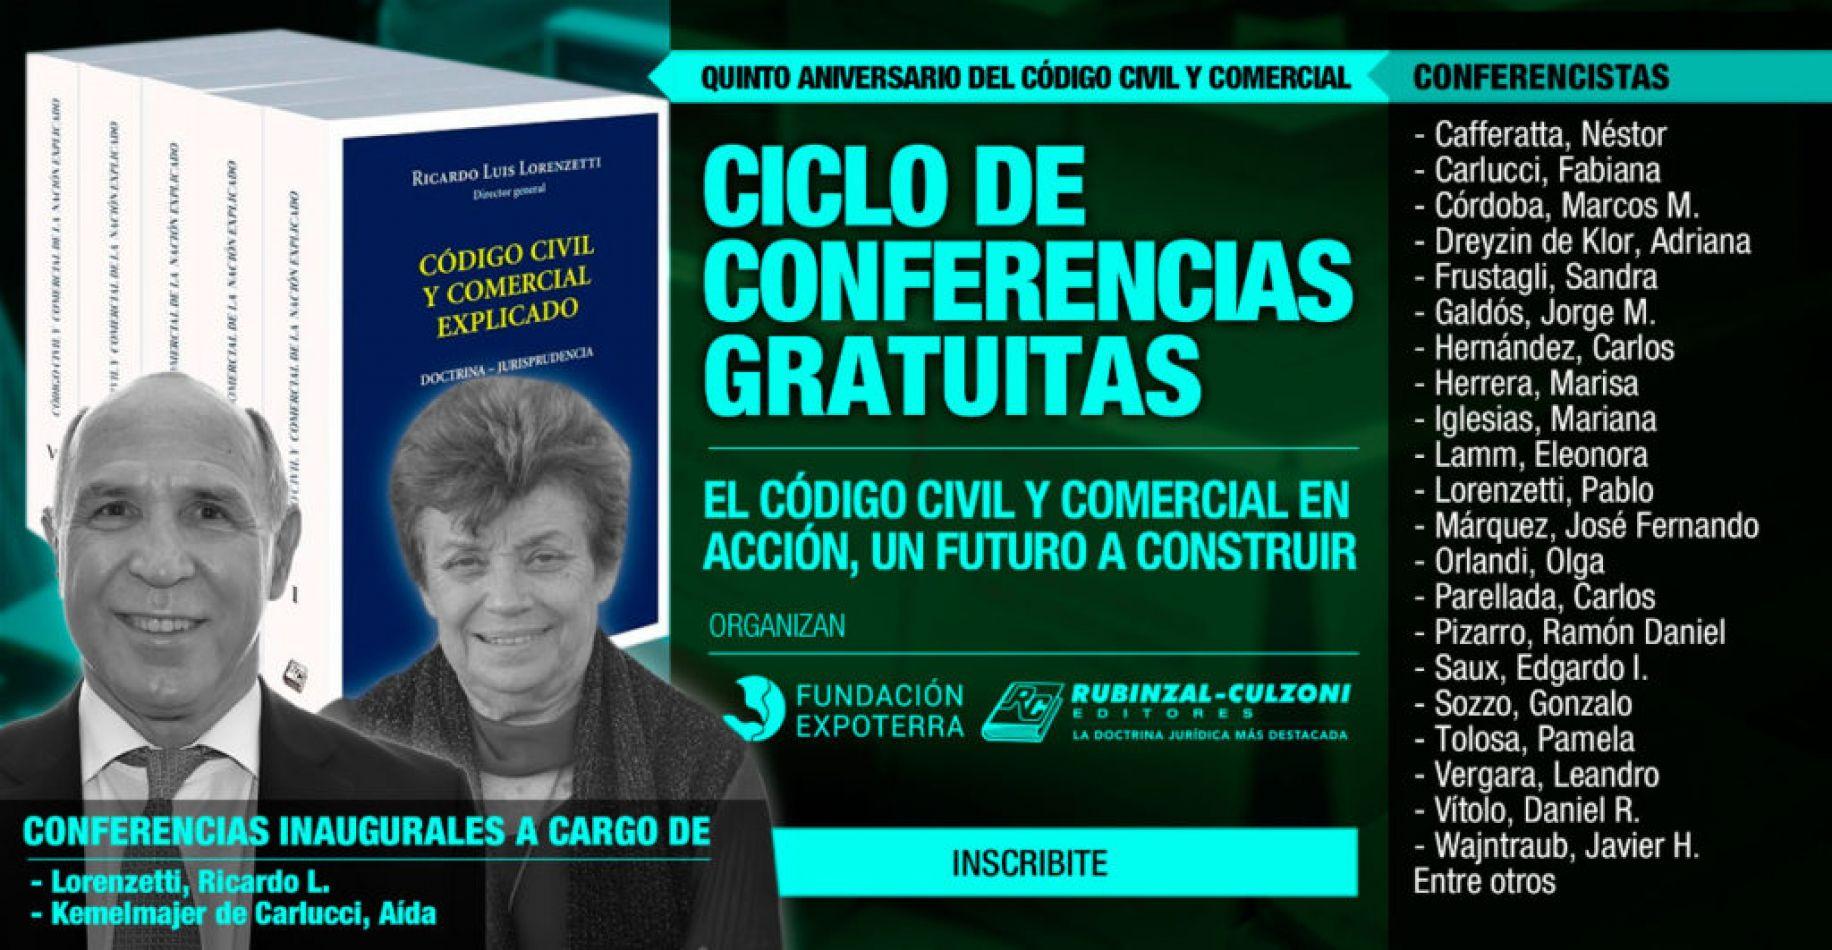 """Desarrollan conferencias gratuitas sobre """"El Código Civil y Comercial en acción, un futuro a construir"""""""